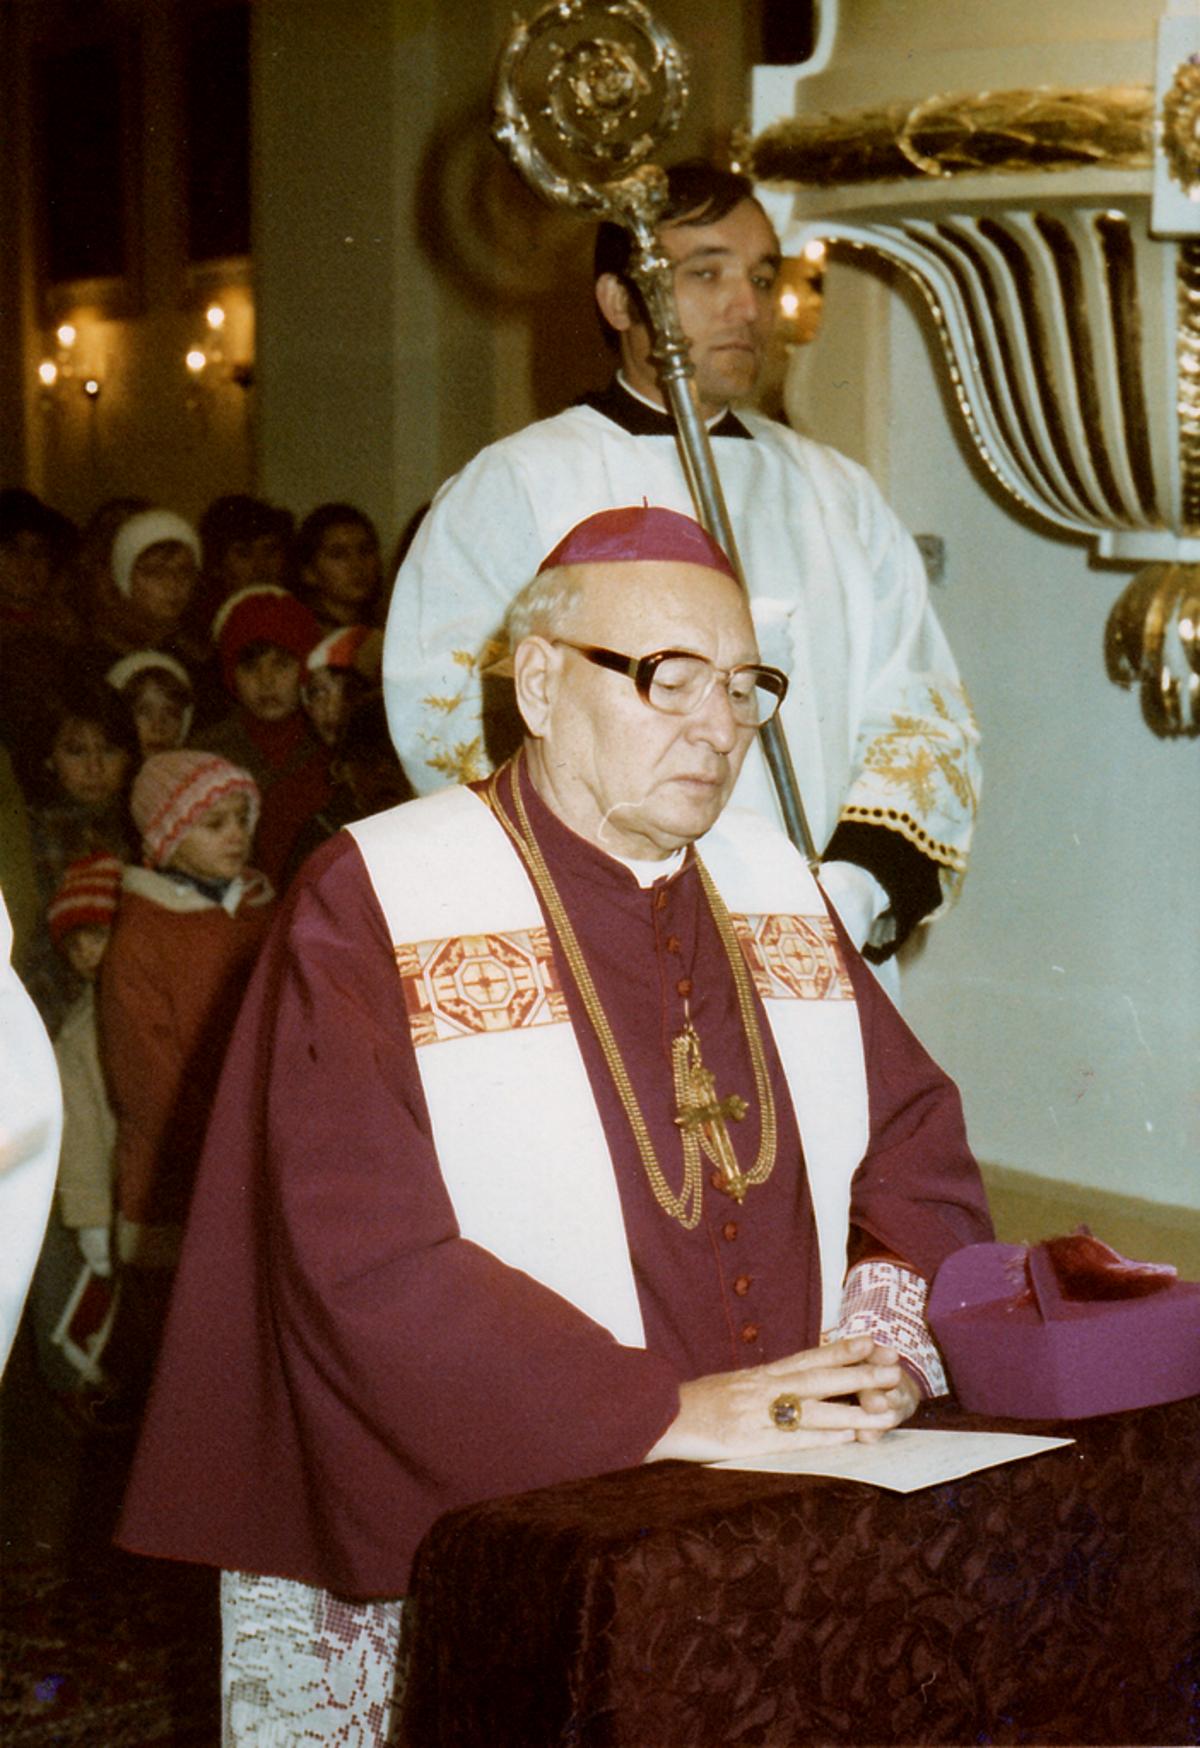 877cba3d152f4 Trnavčania budú spomínať na arcibiskupa Júliusa Gábriša - SME   MY ...